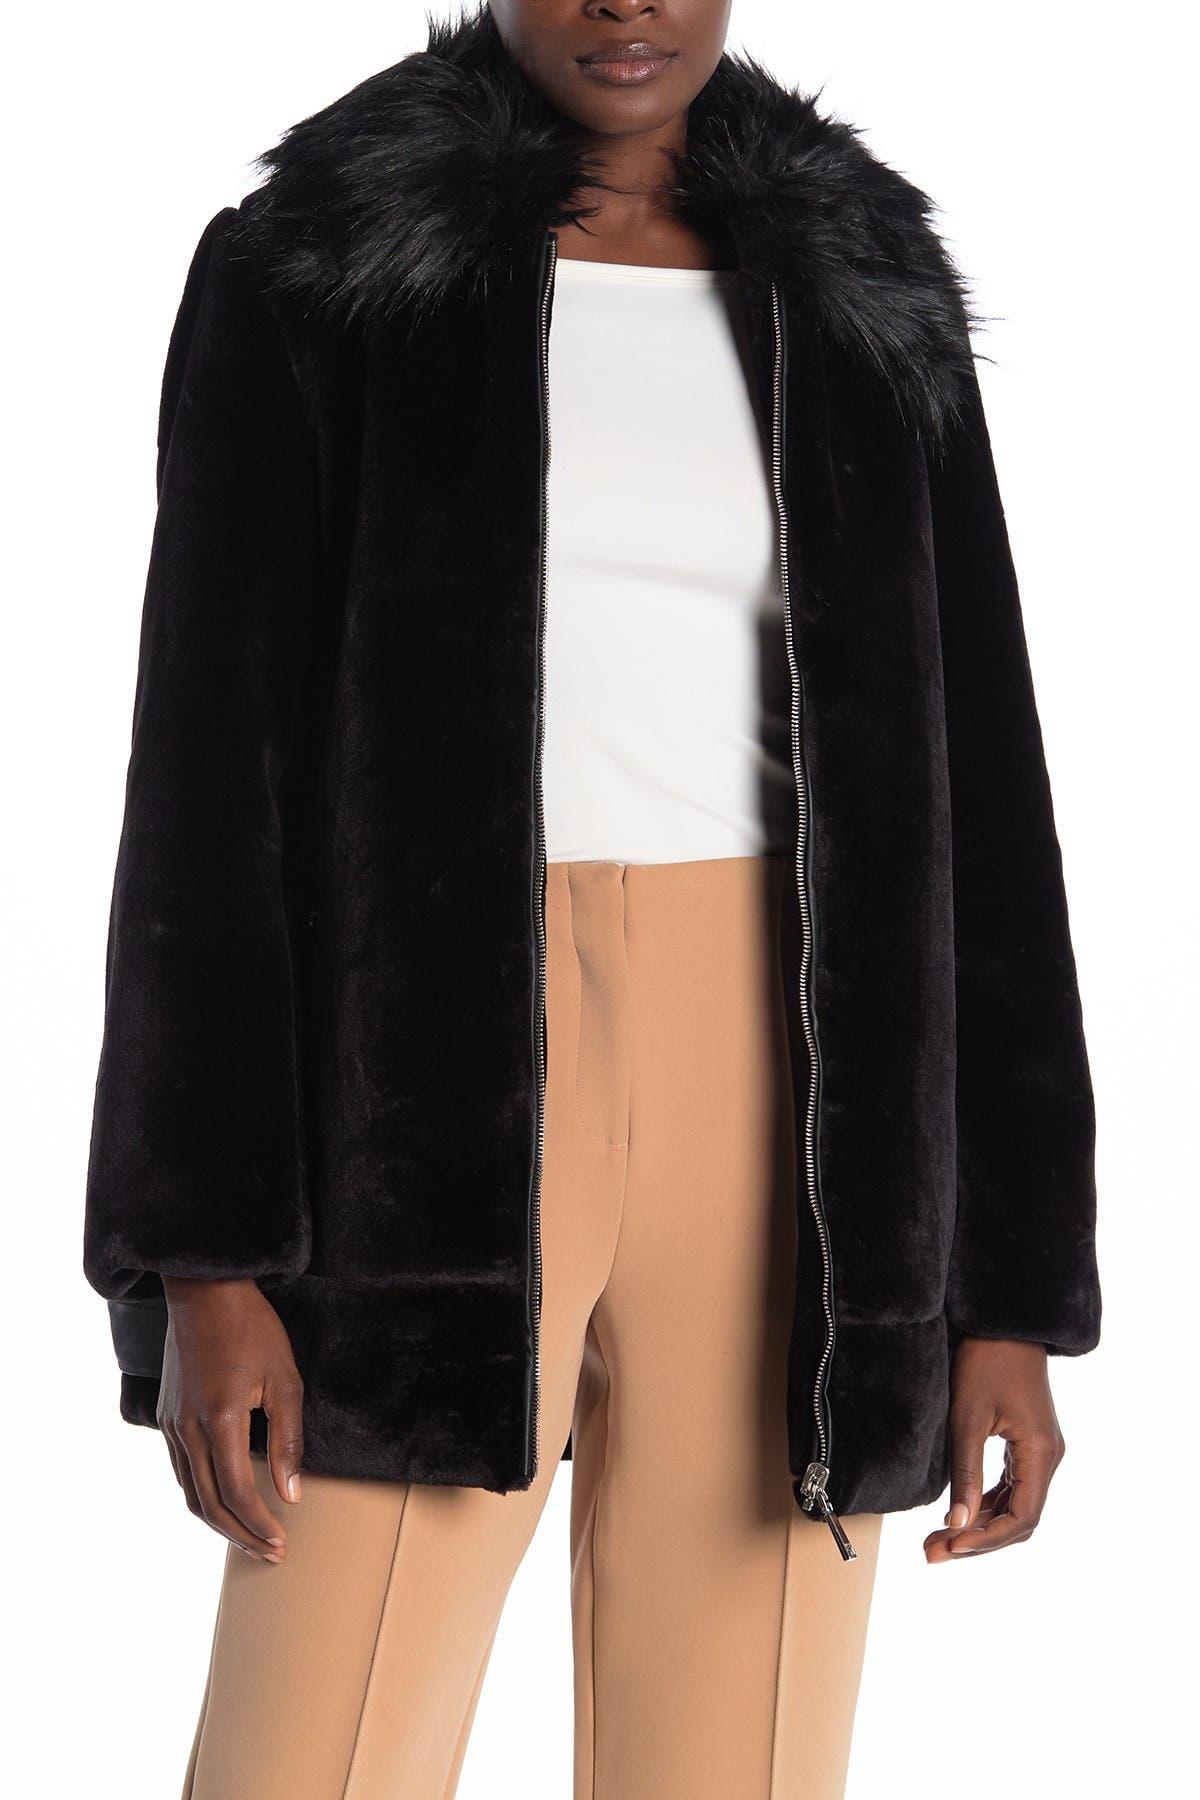 Nine West Faux Fur Collar Plush Fleece Coat